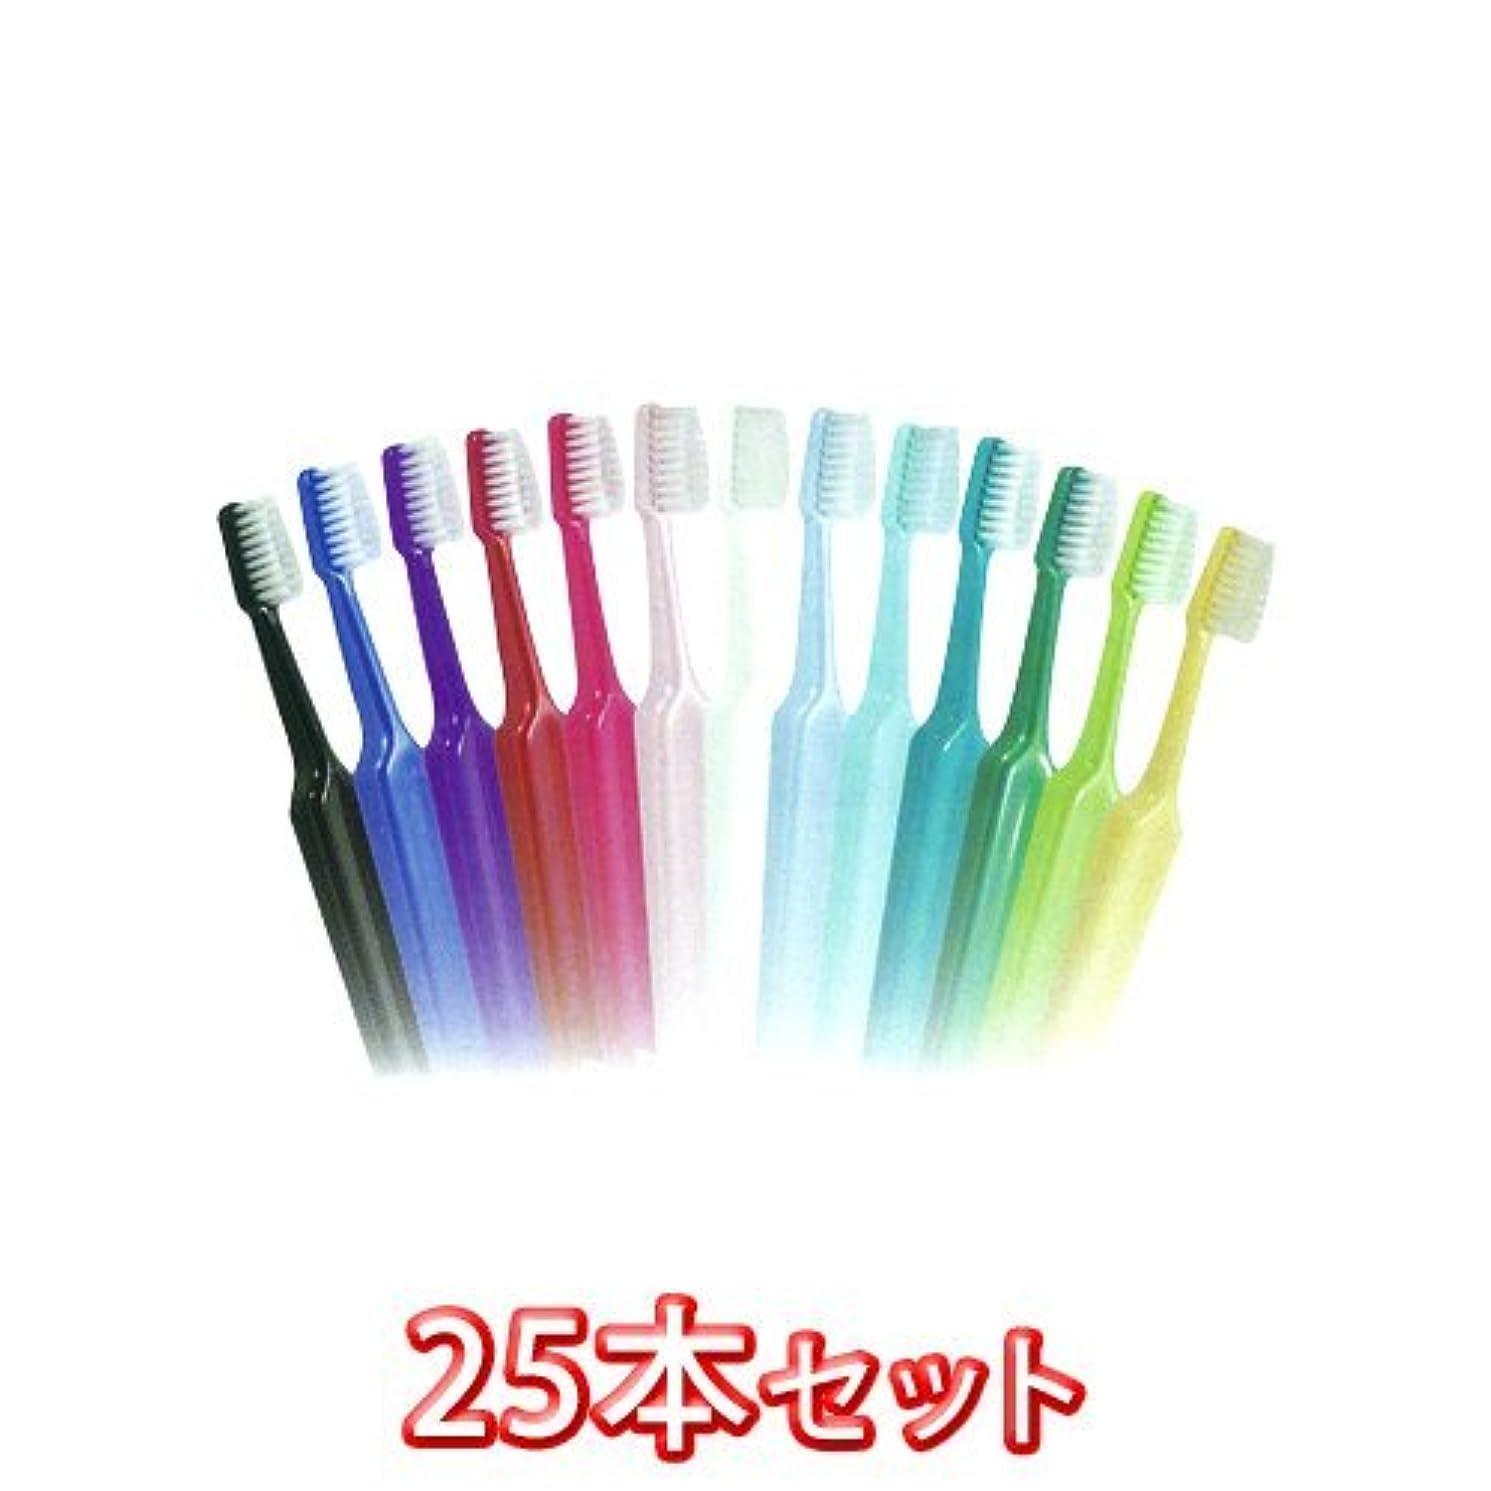 集団的化学薬品不合格TePeテペセレクトコンパクト歯ブラシ 25本(コンパクトエクストラソフト)